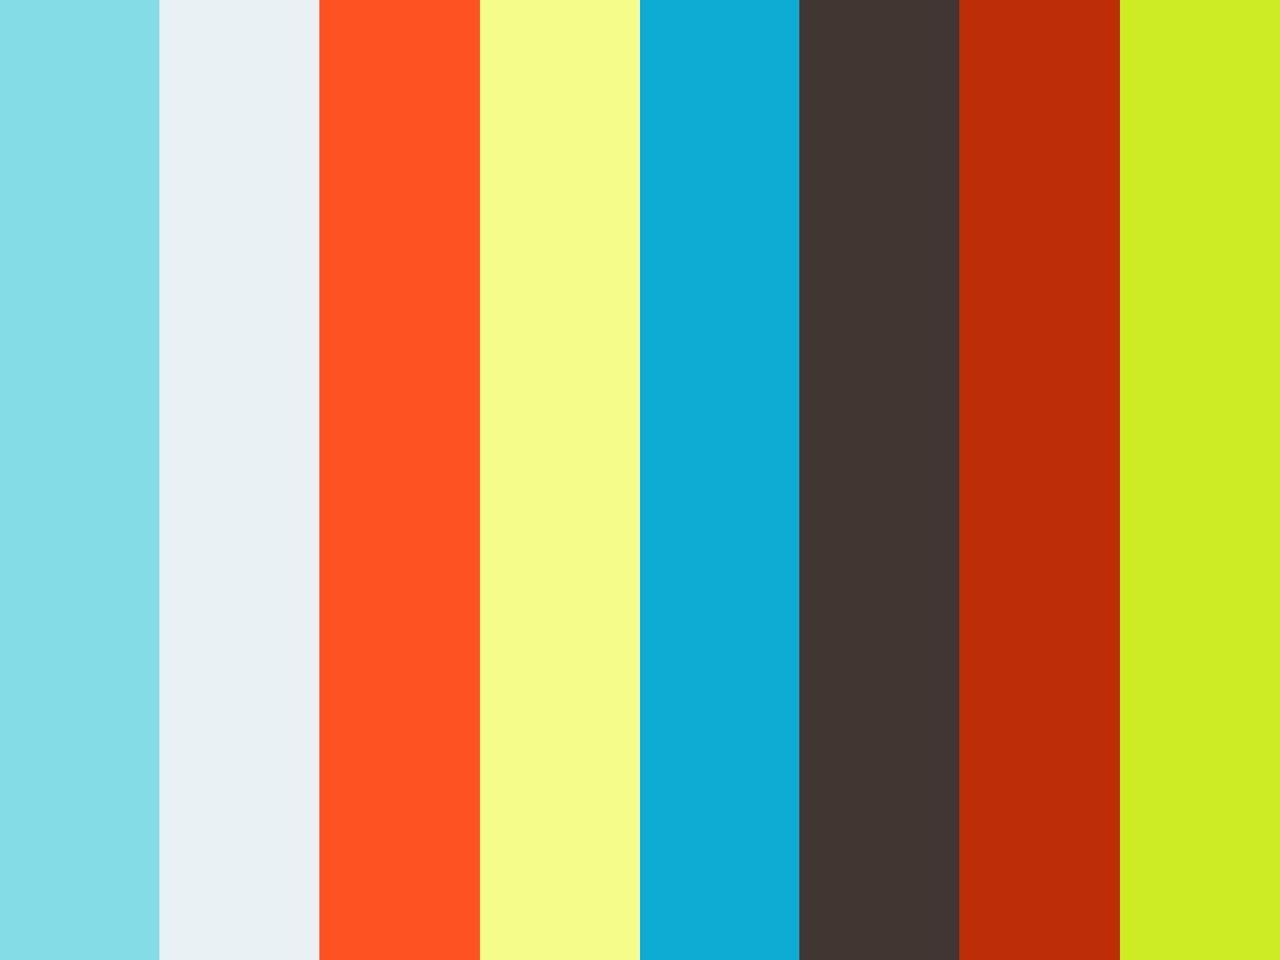 QuickTime Colour Management